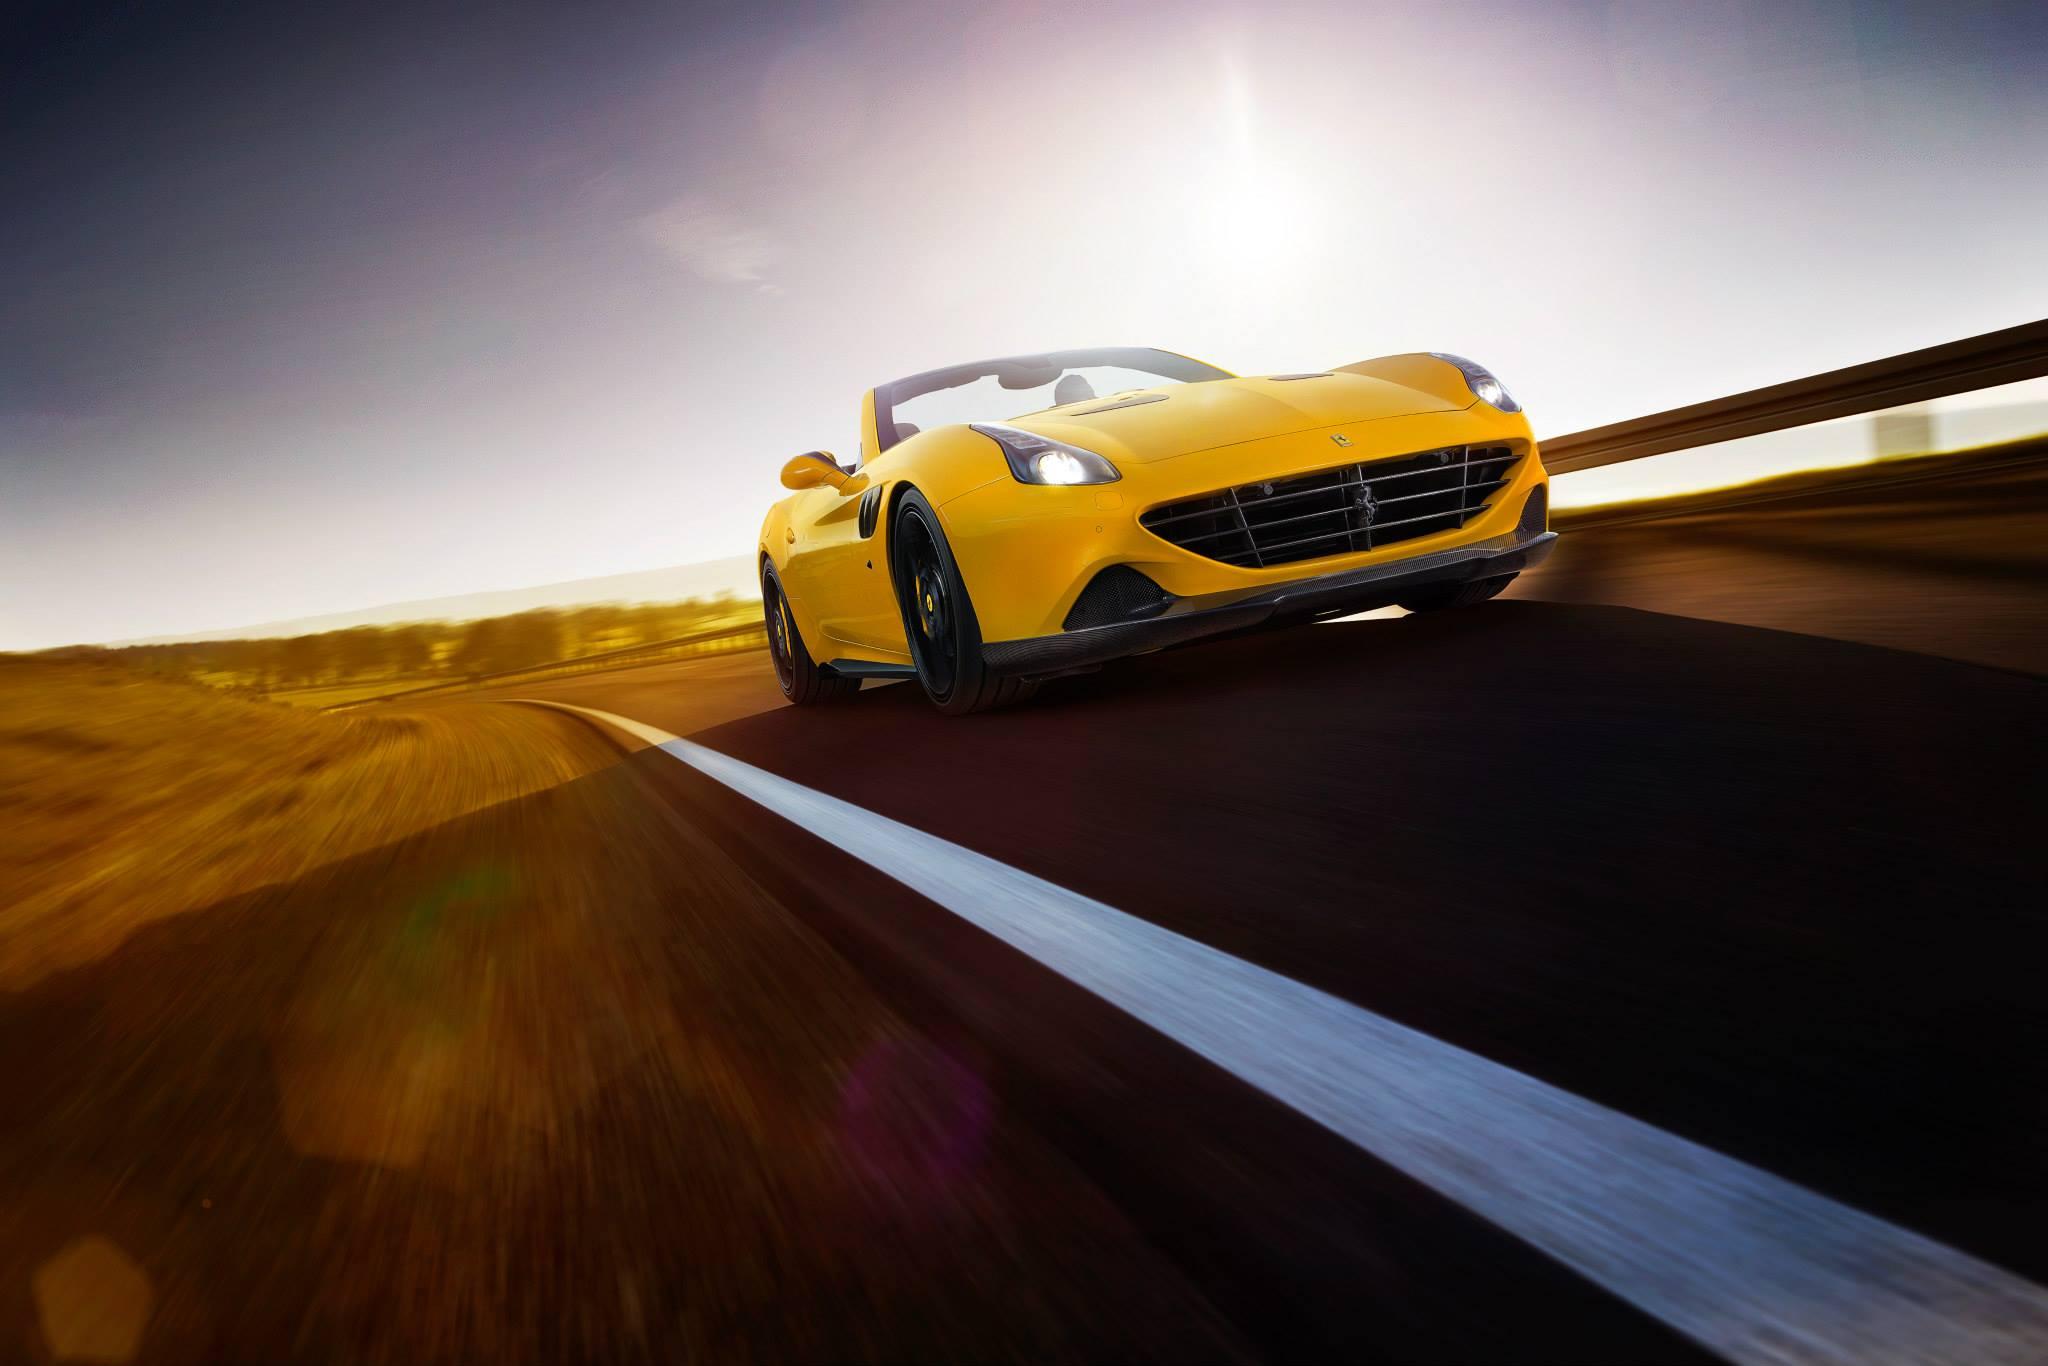 Ferrari закат дорога без смс